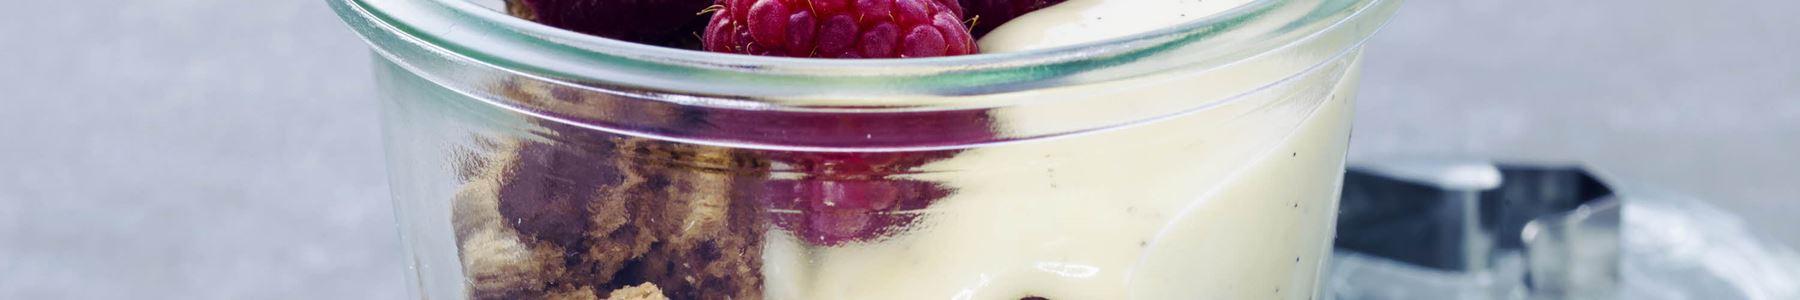 Hurtig + Desserter + Hele året + Sommer